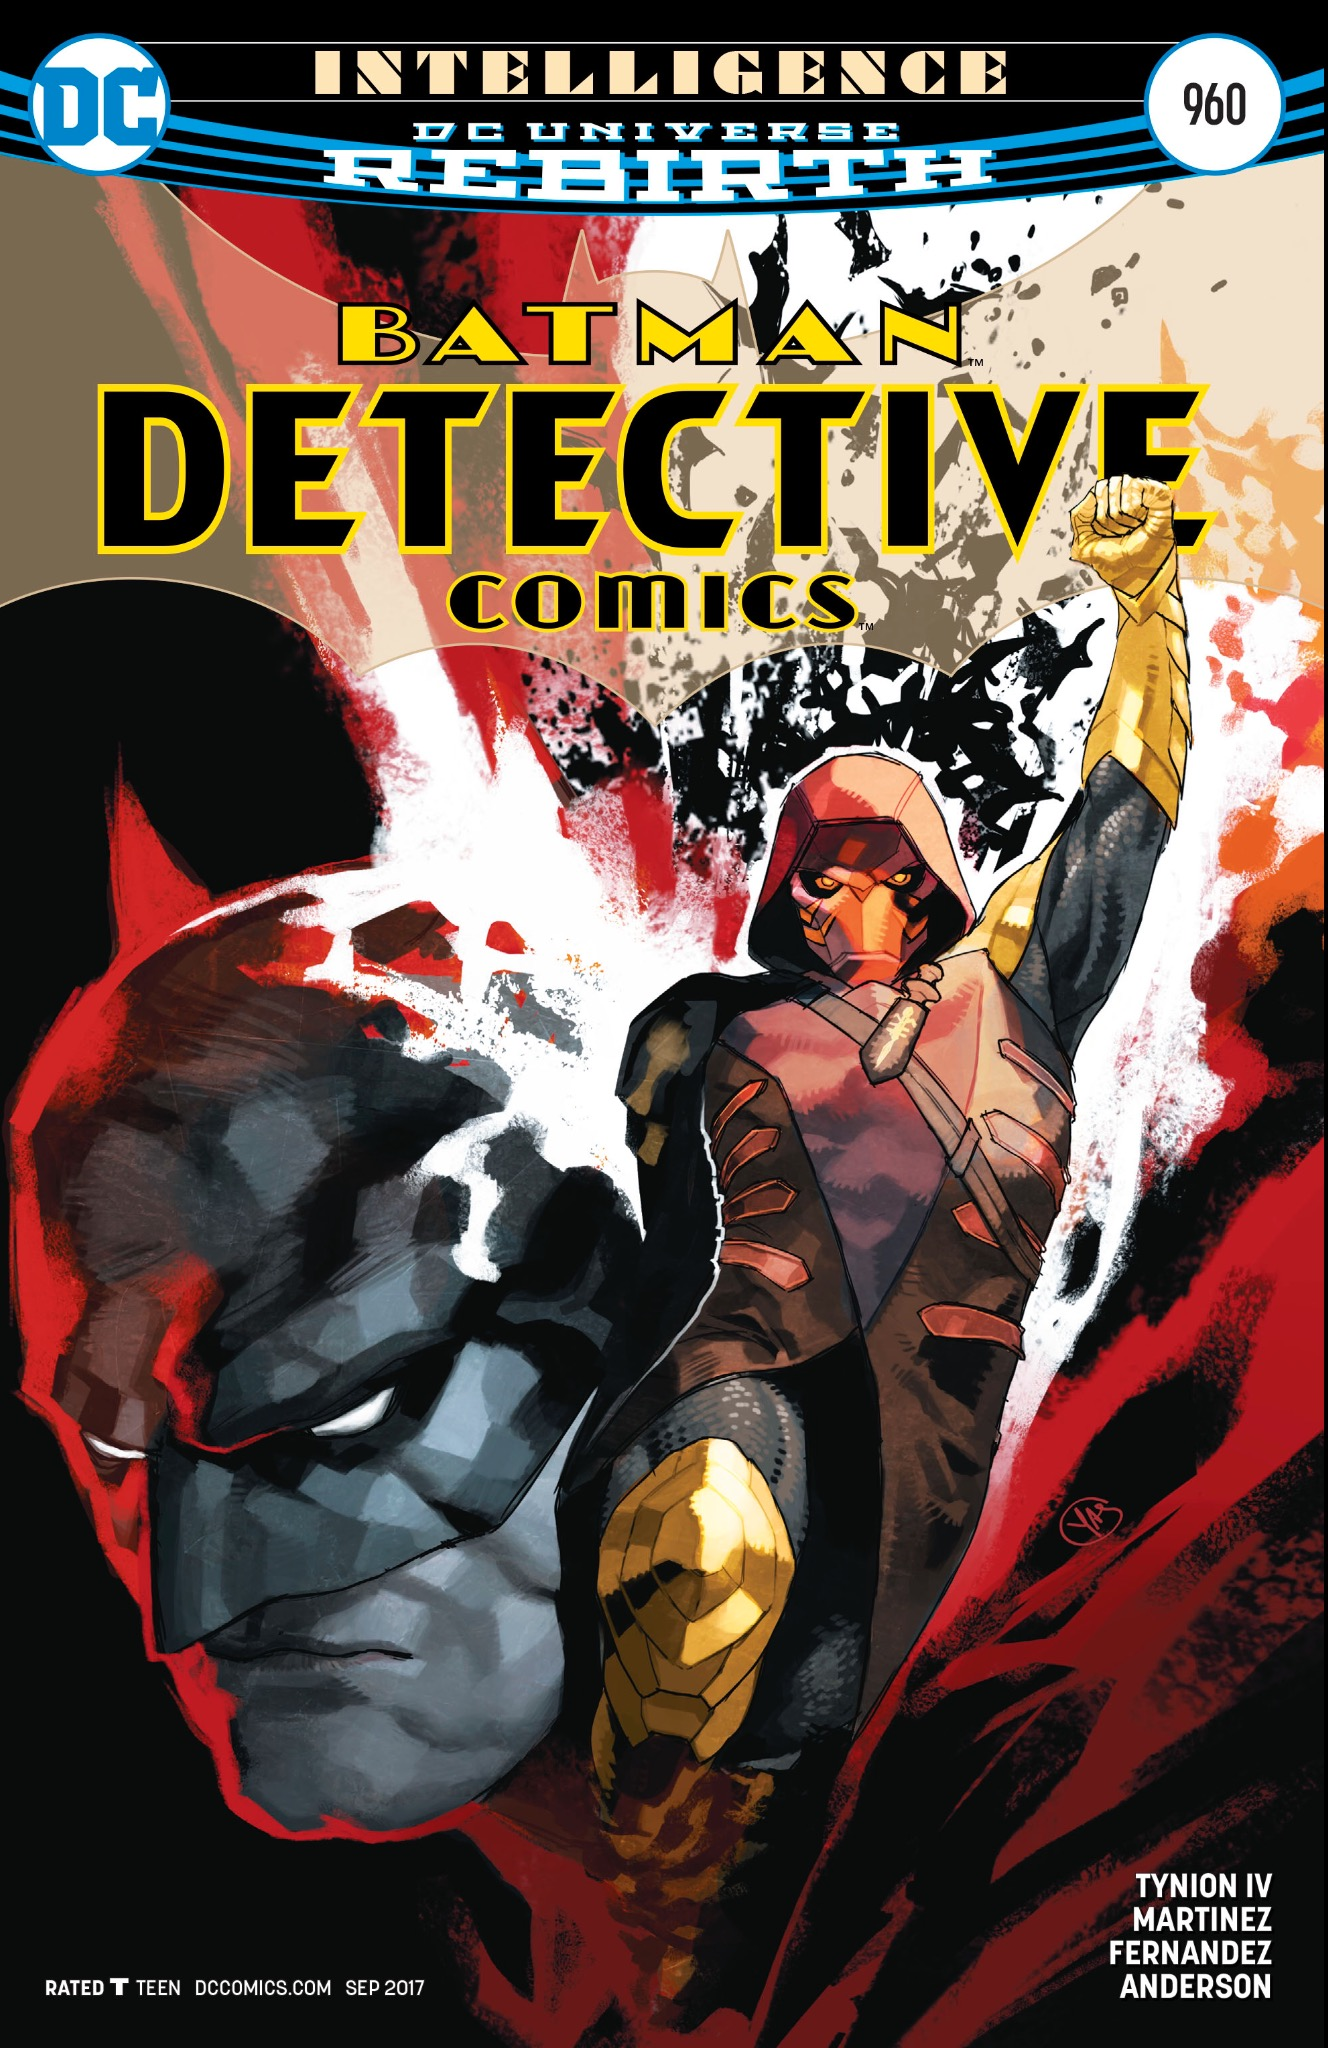 Detective Comics #960 cover